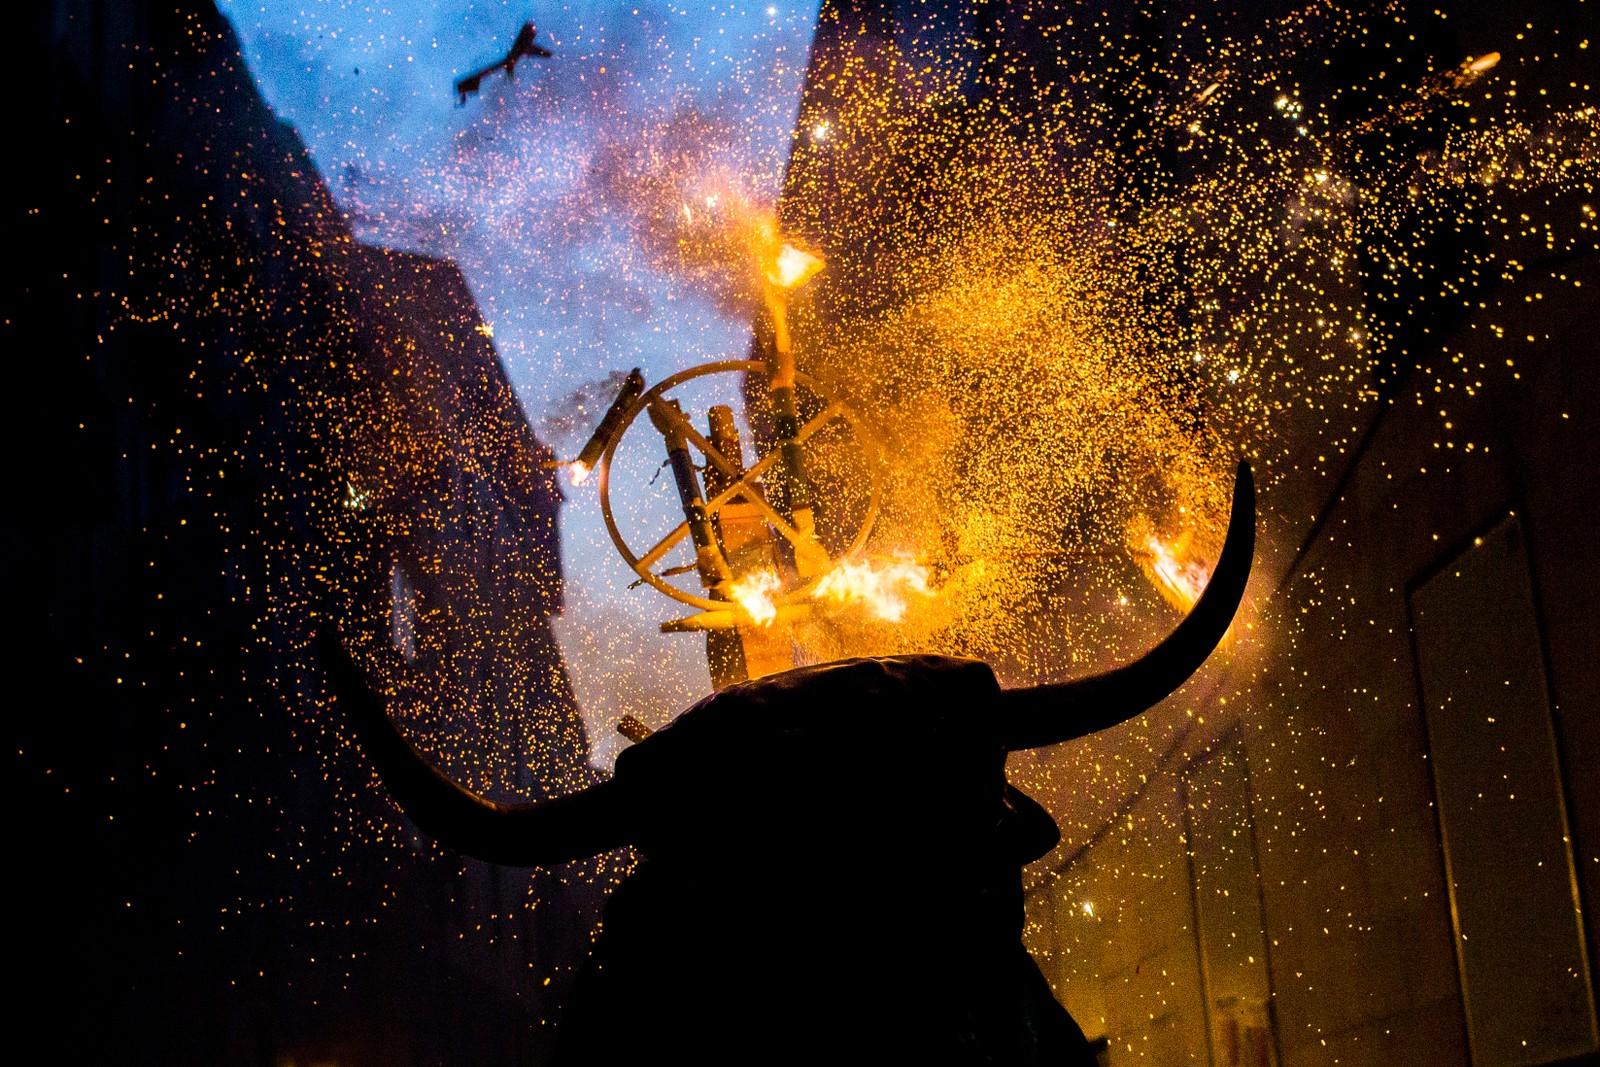 Denne flammende oksen er også en tradisjon under San Fermin. «Toro de fuego» kalles den, og er et fast innslag under den åtte dager lange festivalen.